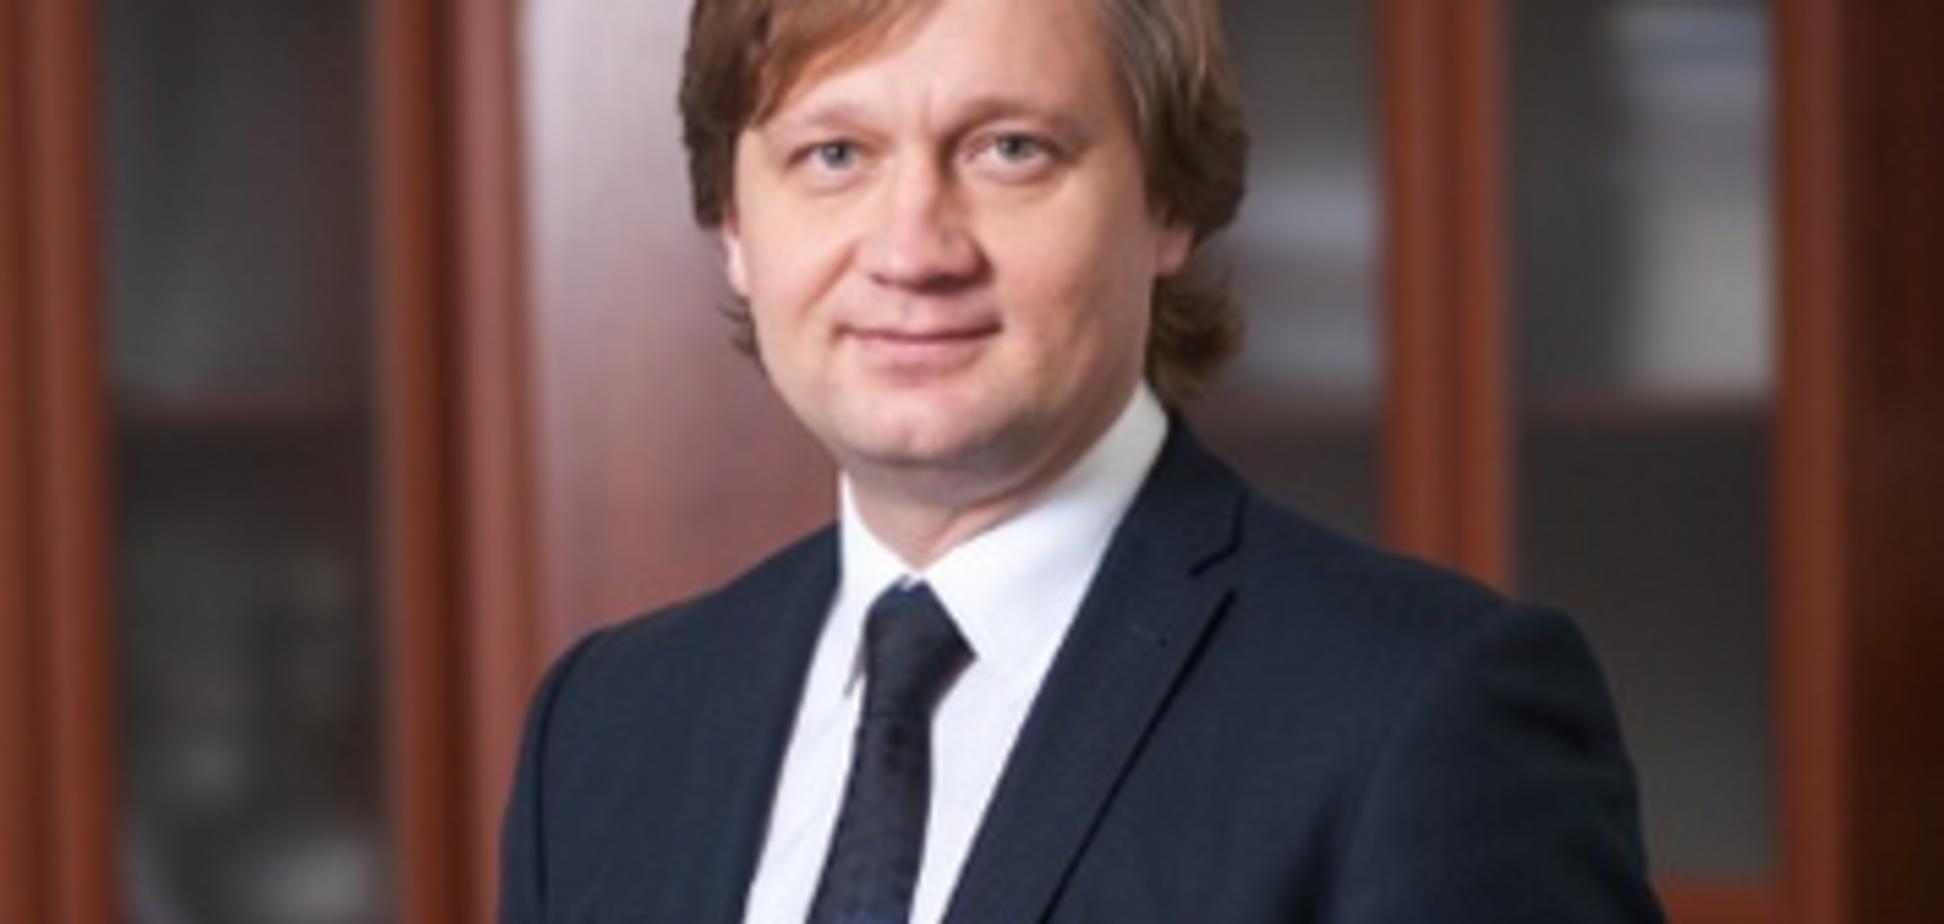 Чиновник из ''ДНР'' получил должность в Украине: СМИ опубликовали доказательства